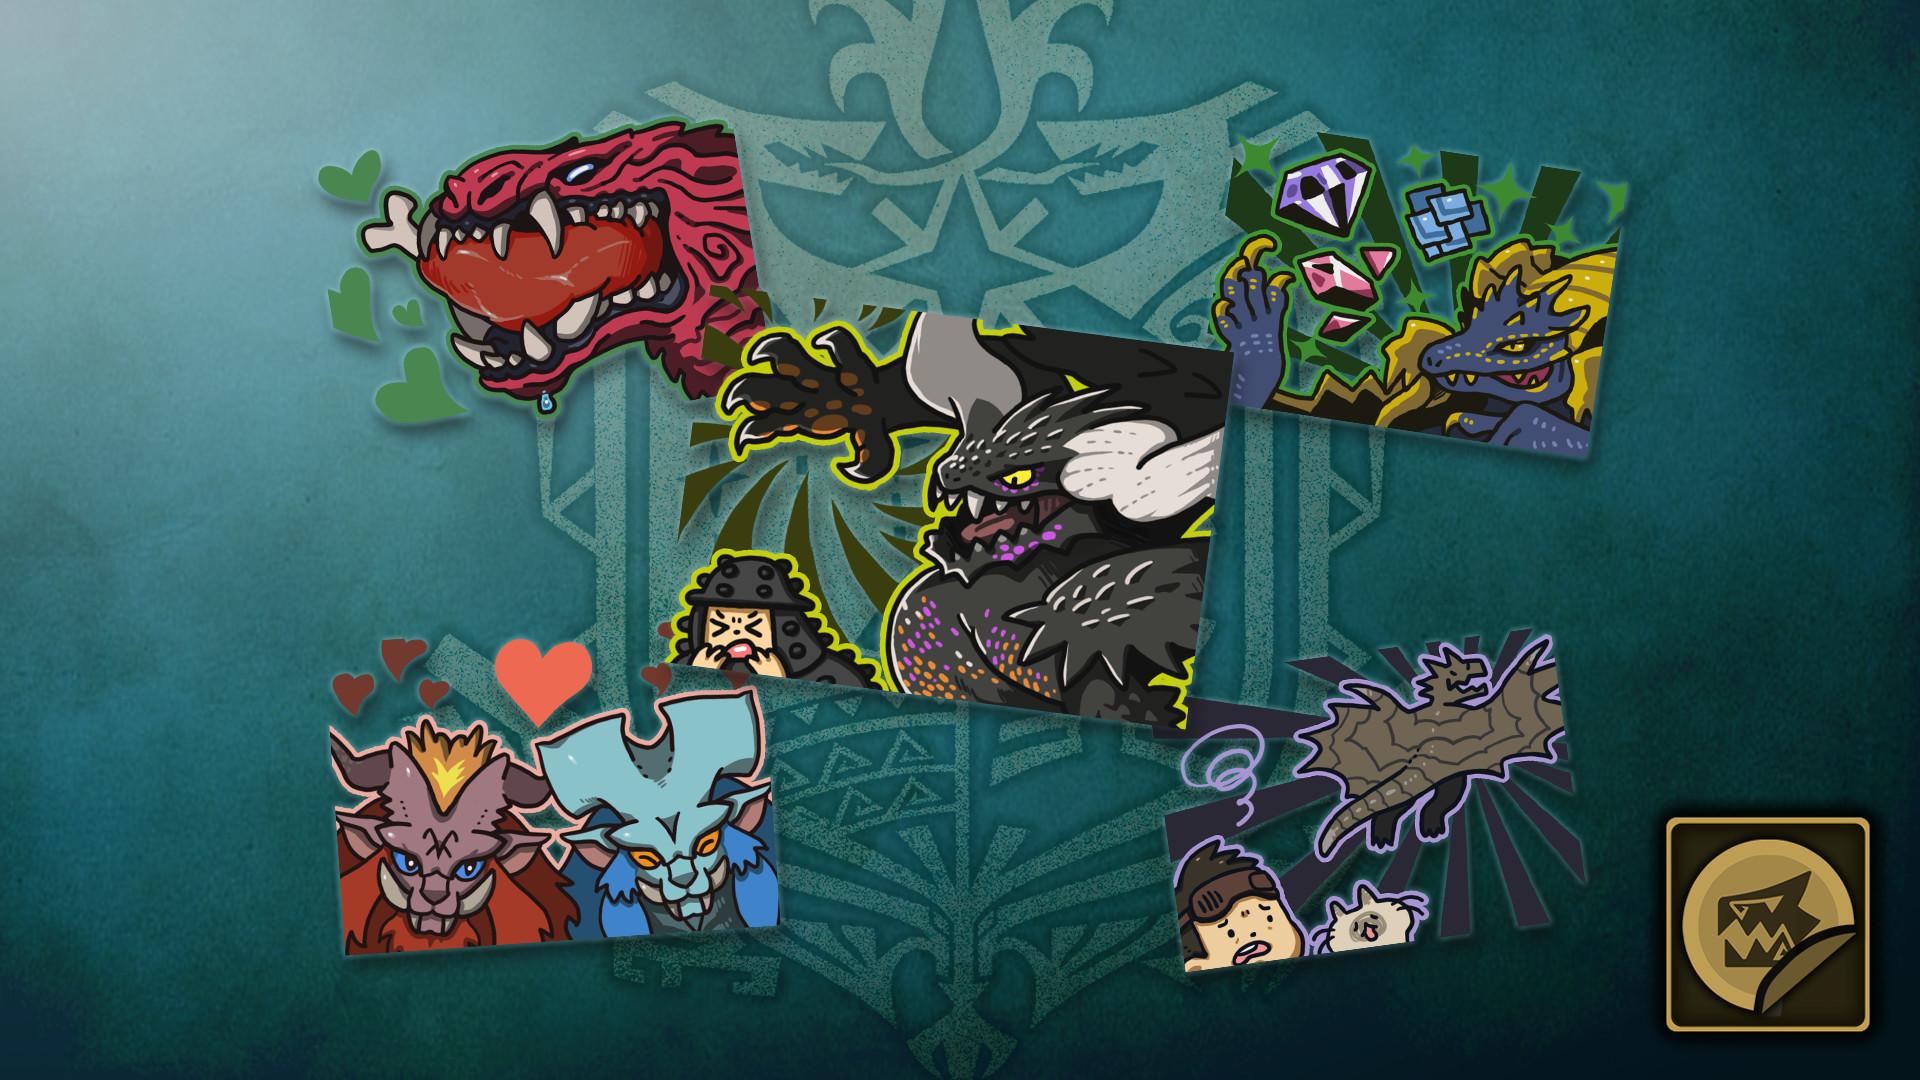 KHAiHOM.com - Monster Hunter: World - Sticker Set: Monsters of the New World